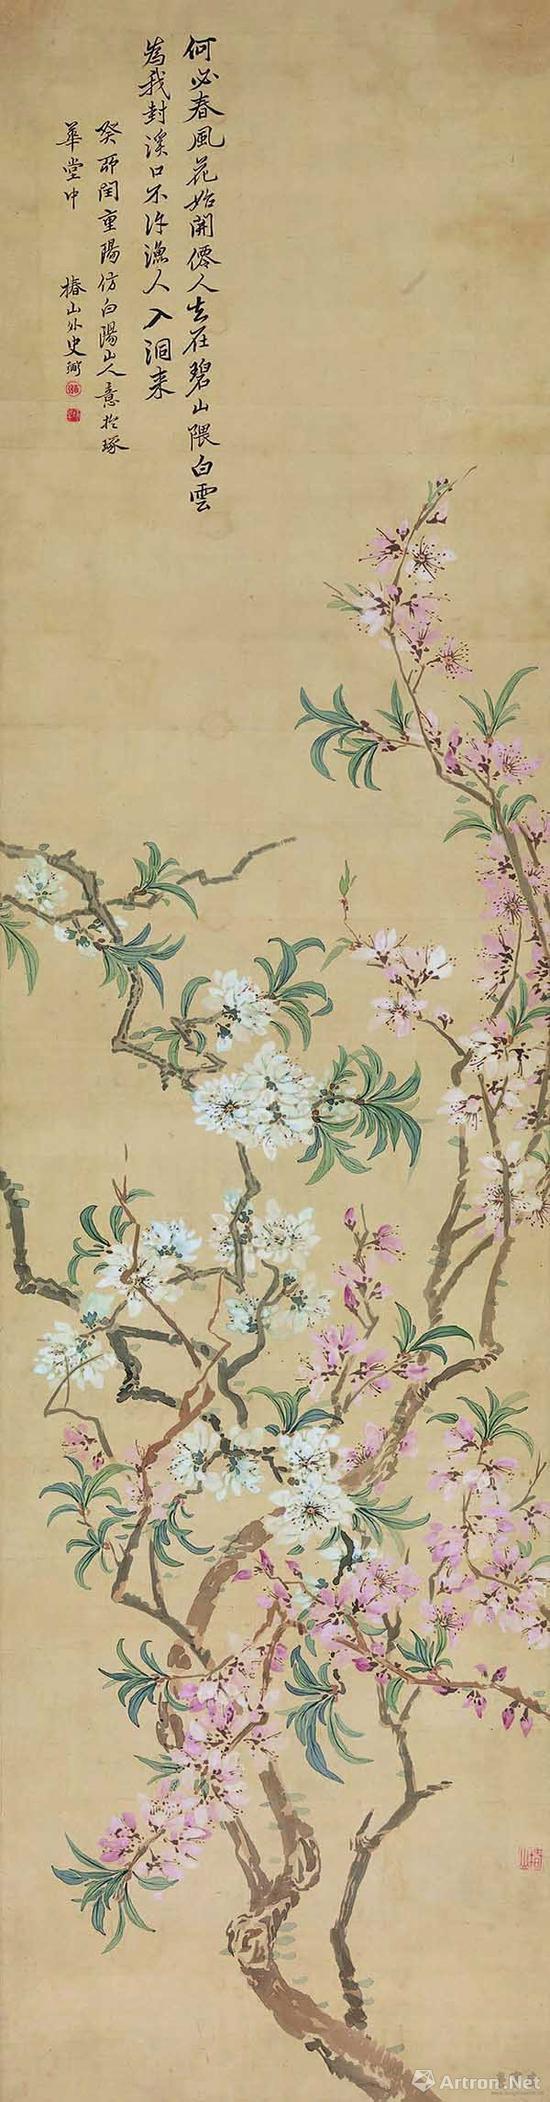 日本 椿椿山 花卉条屏 129.9cmx28.8cm 纸本设色